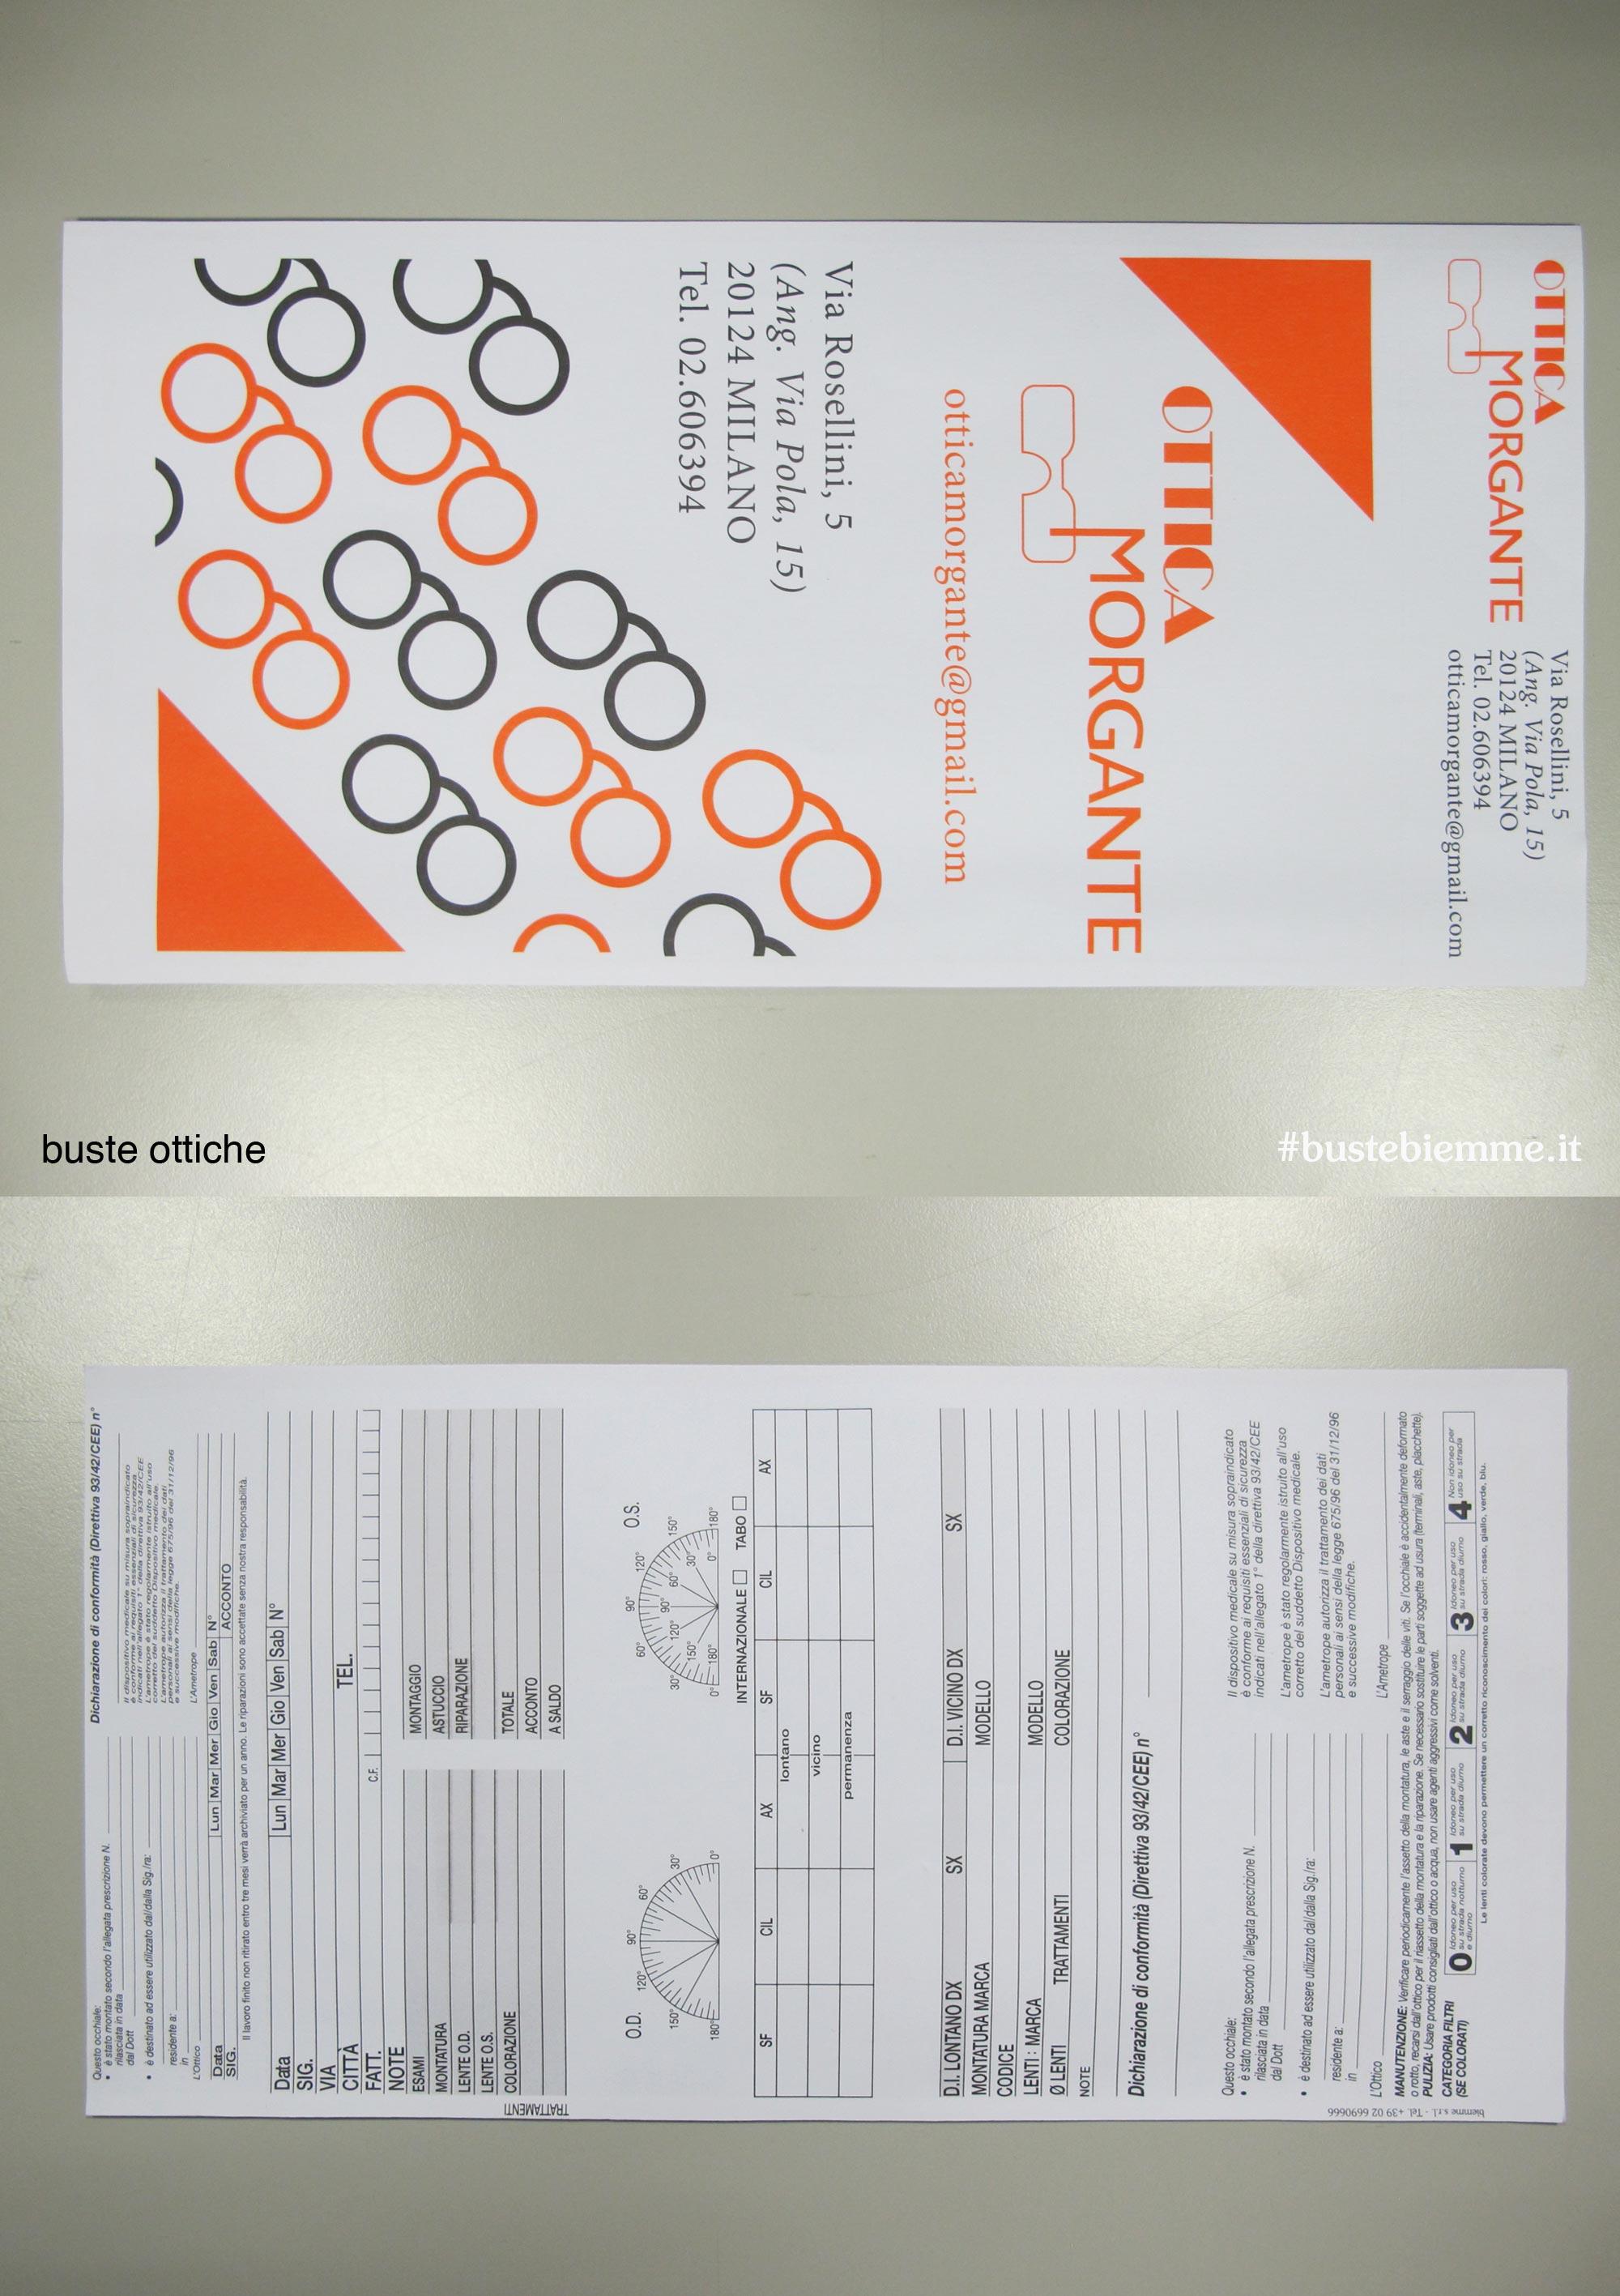 busta ottica in carta per la riparazione o realizzazione di occhiali